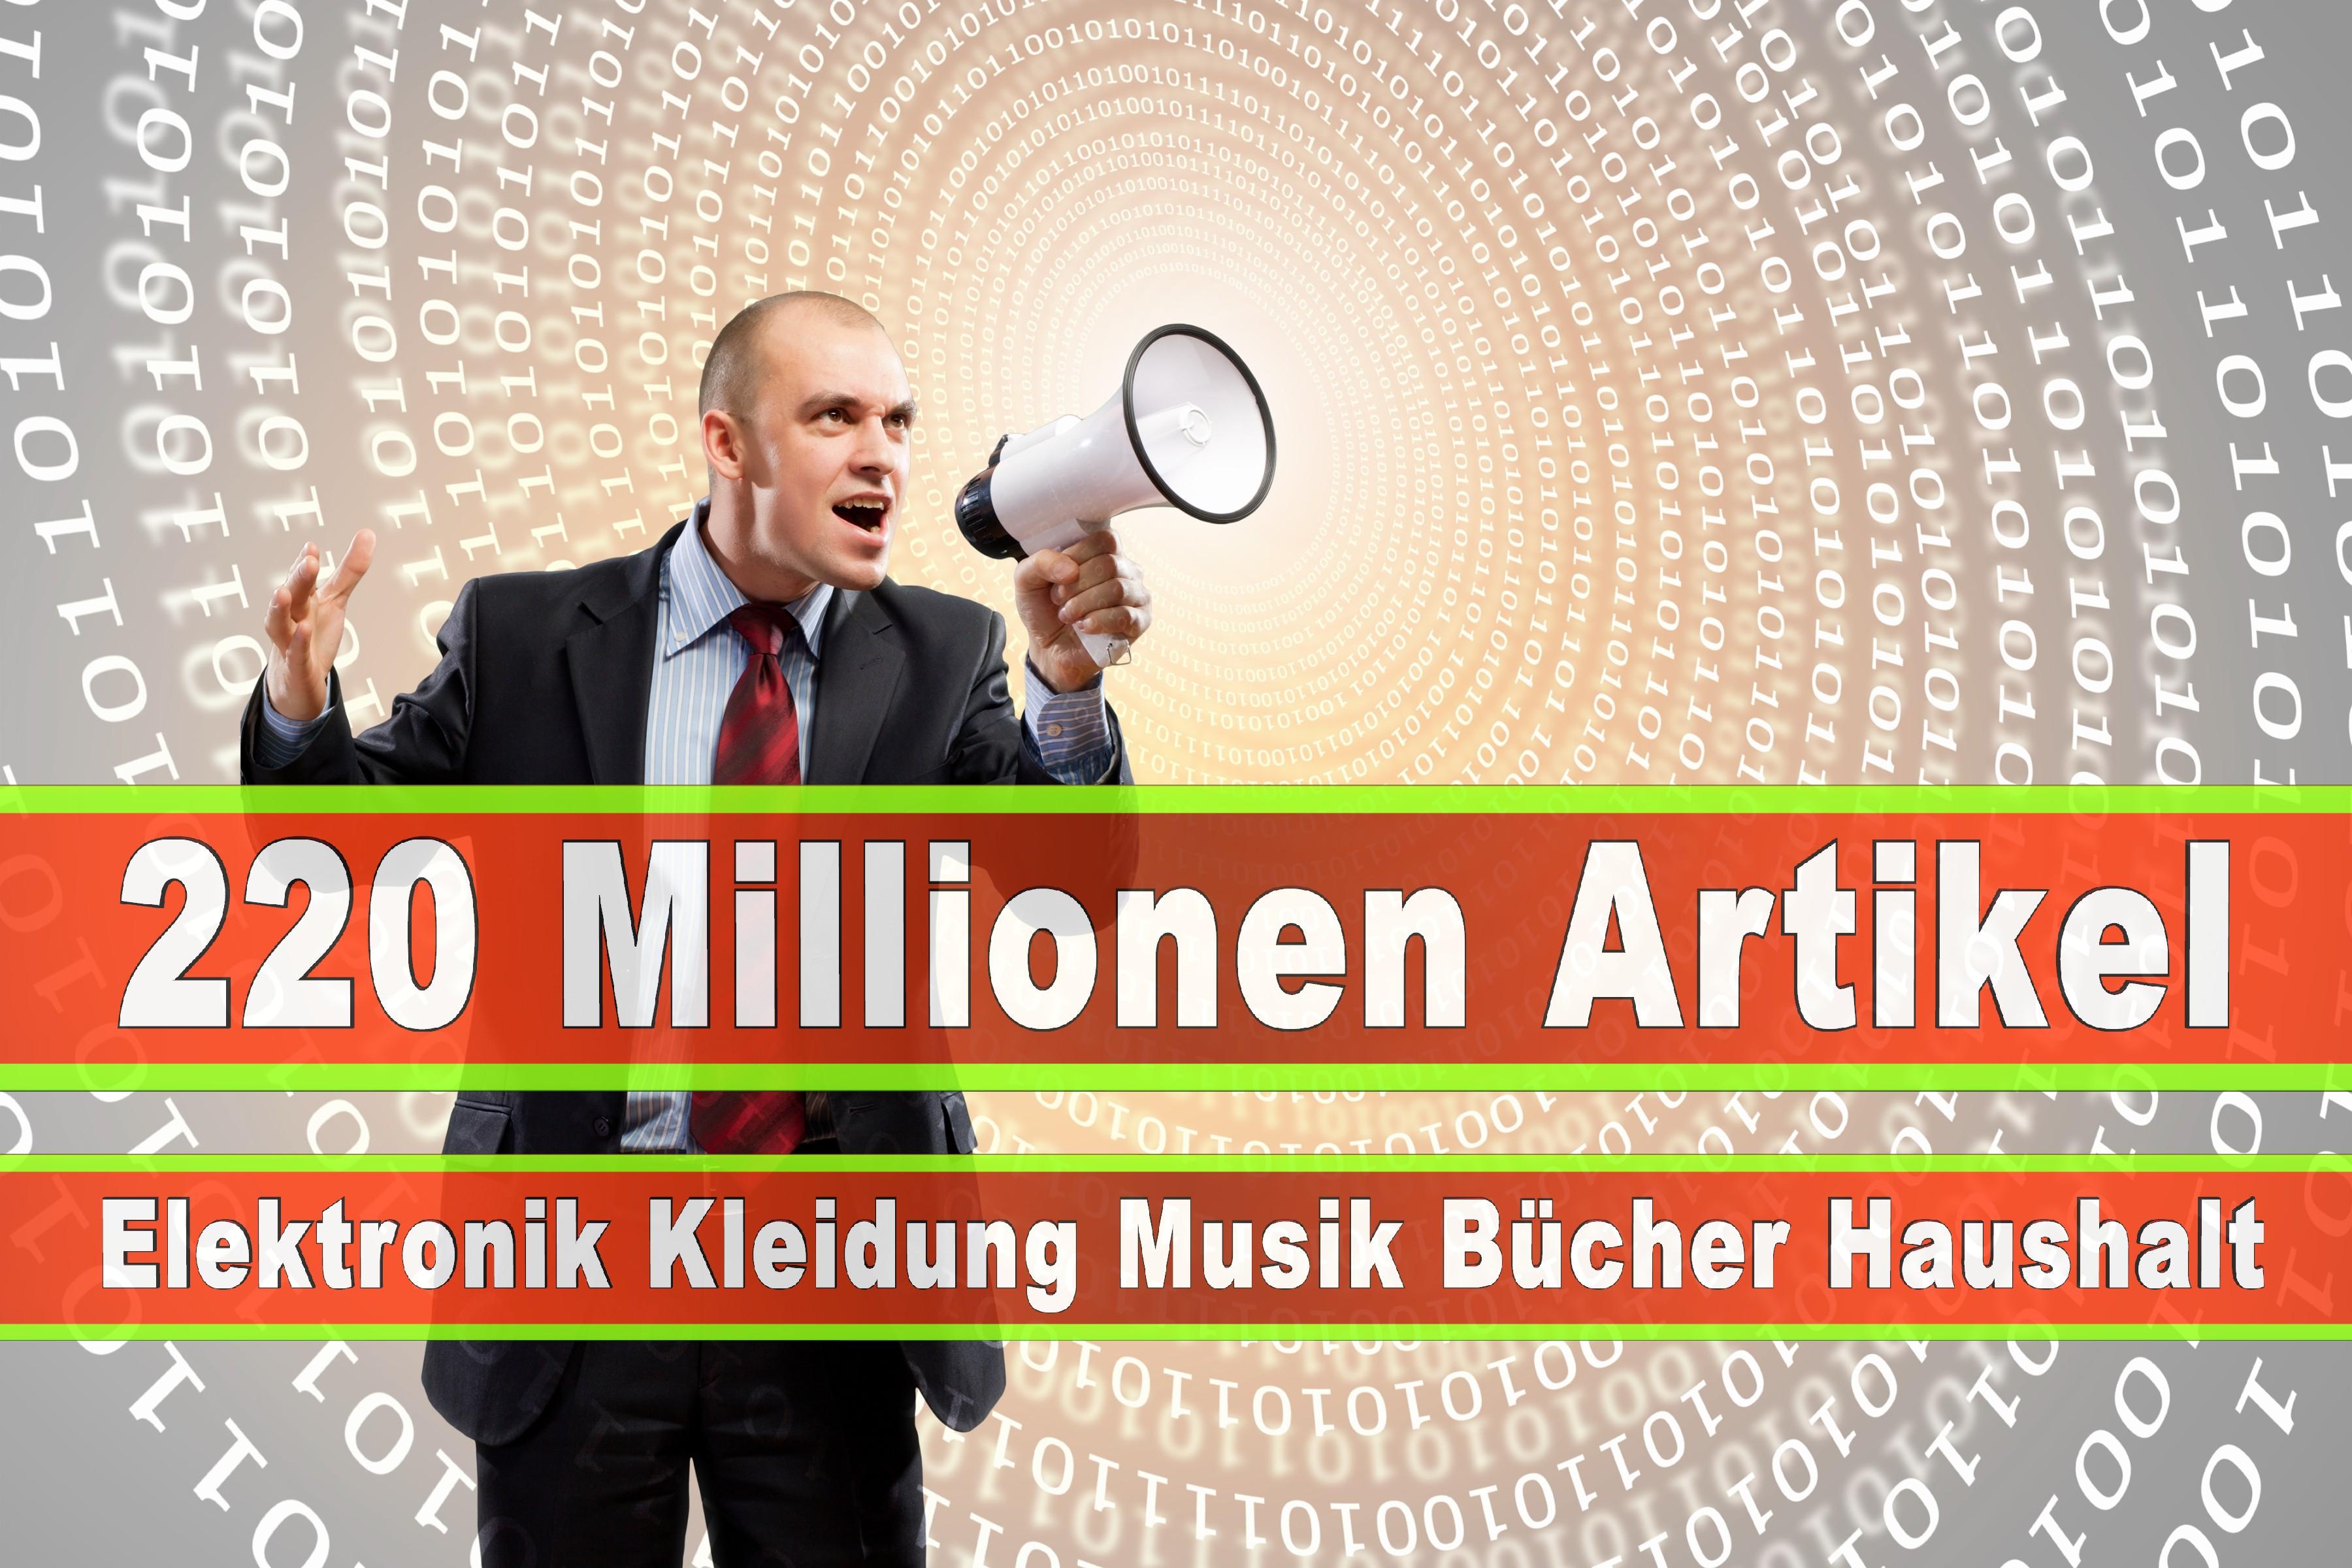 Amazon Elektronik Musik Haushalt Bücher CD DVD Handys Smartphones TV Television Fernseher Kleidung Mode Ebay Versandhaus (1)